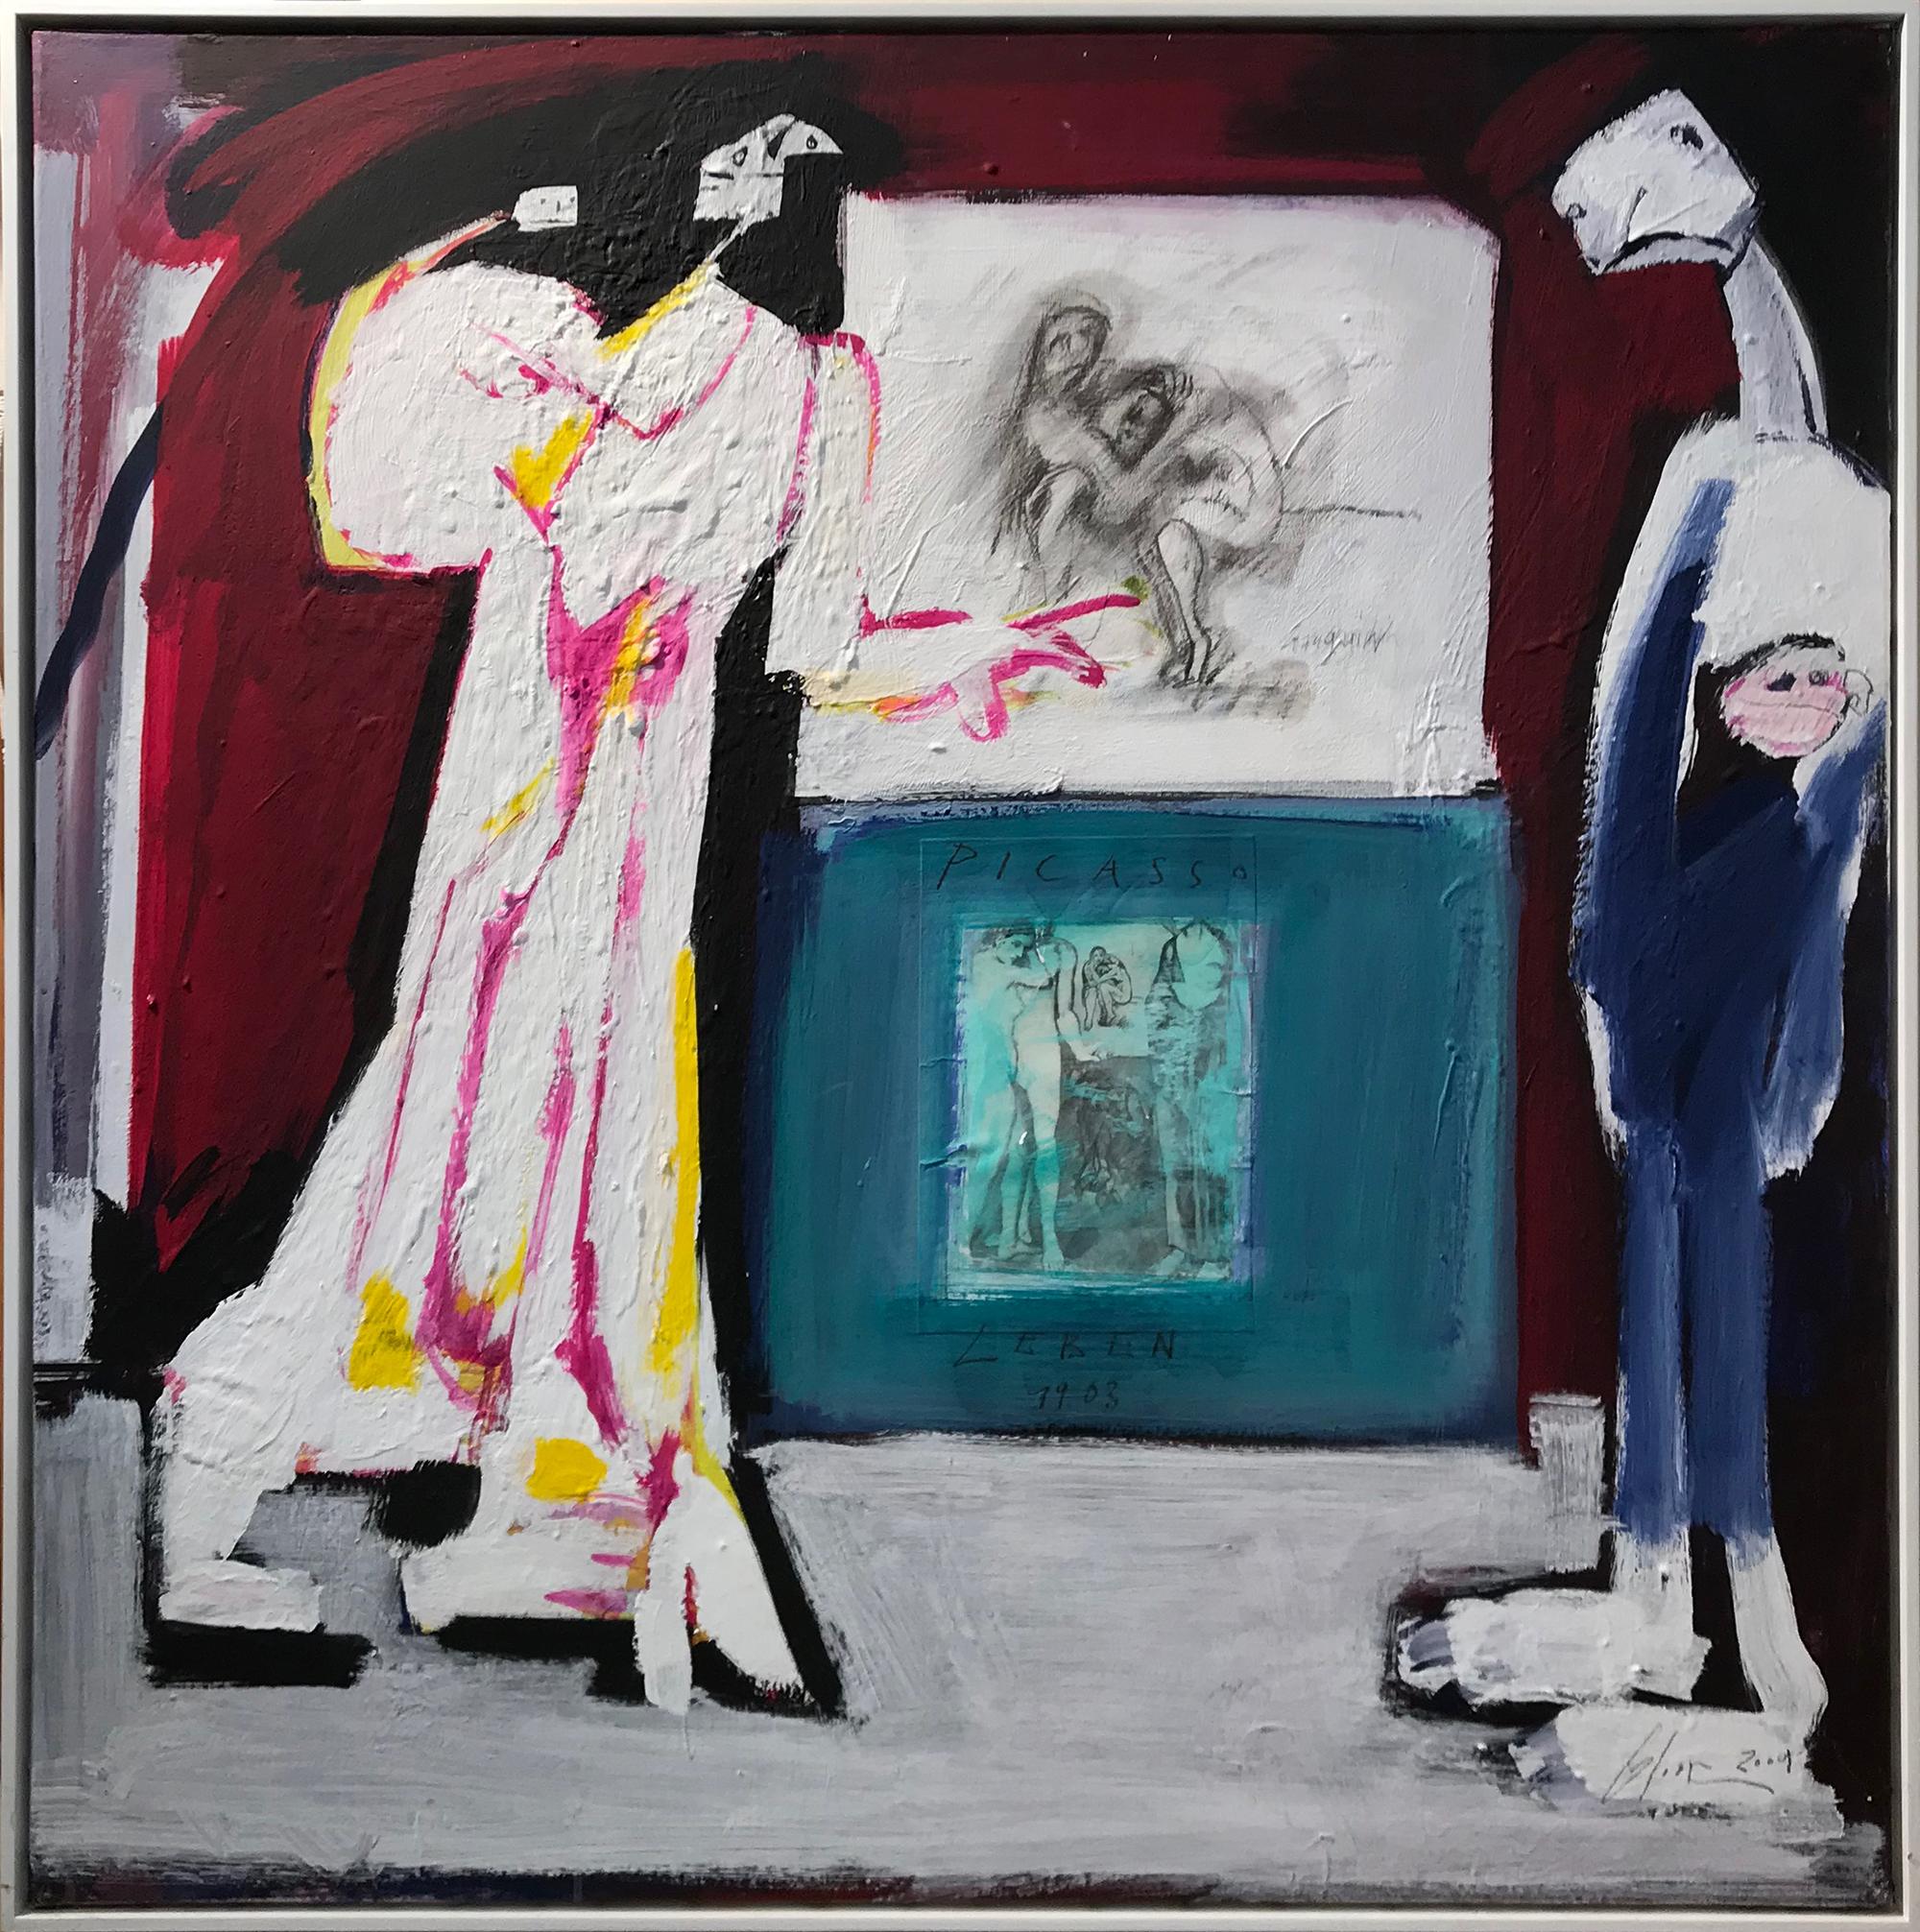 Picasso, 2004, Mischtechnik auf Leinwand, 100 x 100 cm, Schattenfugenrahmen Holz, weiss